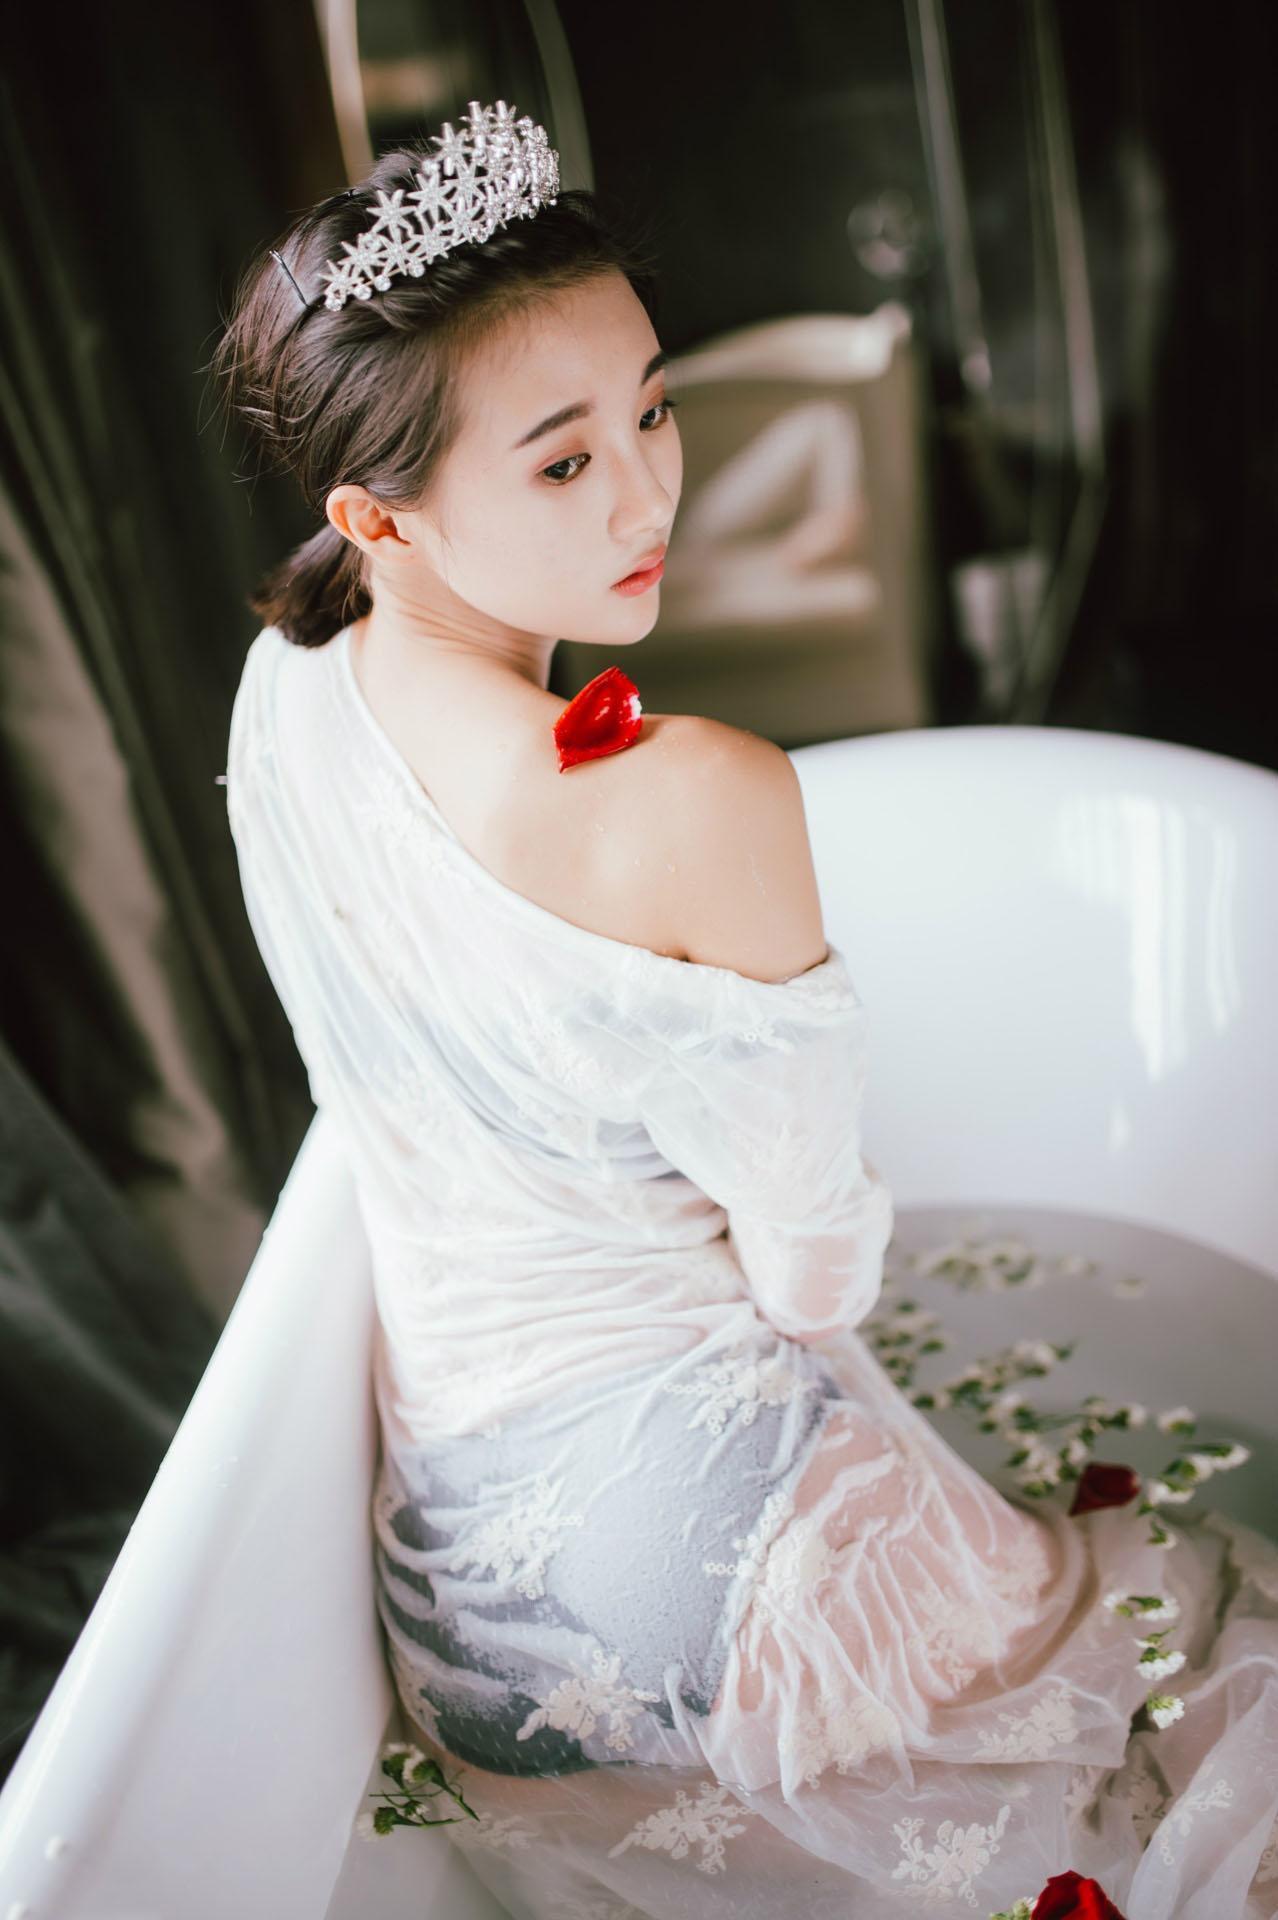 蕾丝透视装美女浴室湿身诱惑性感图片